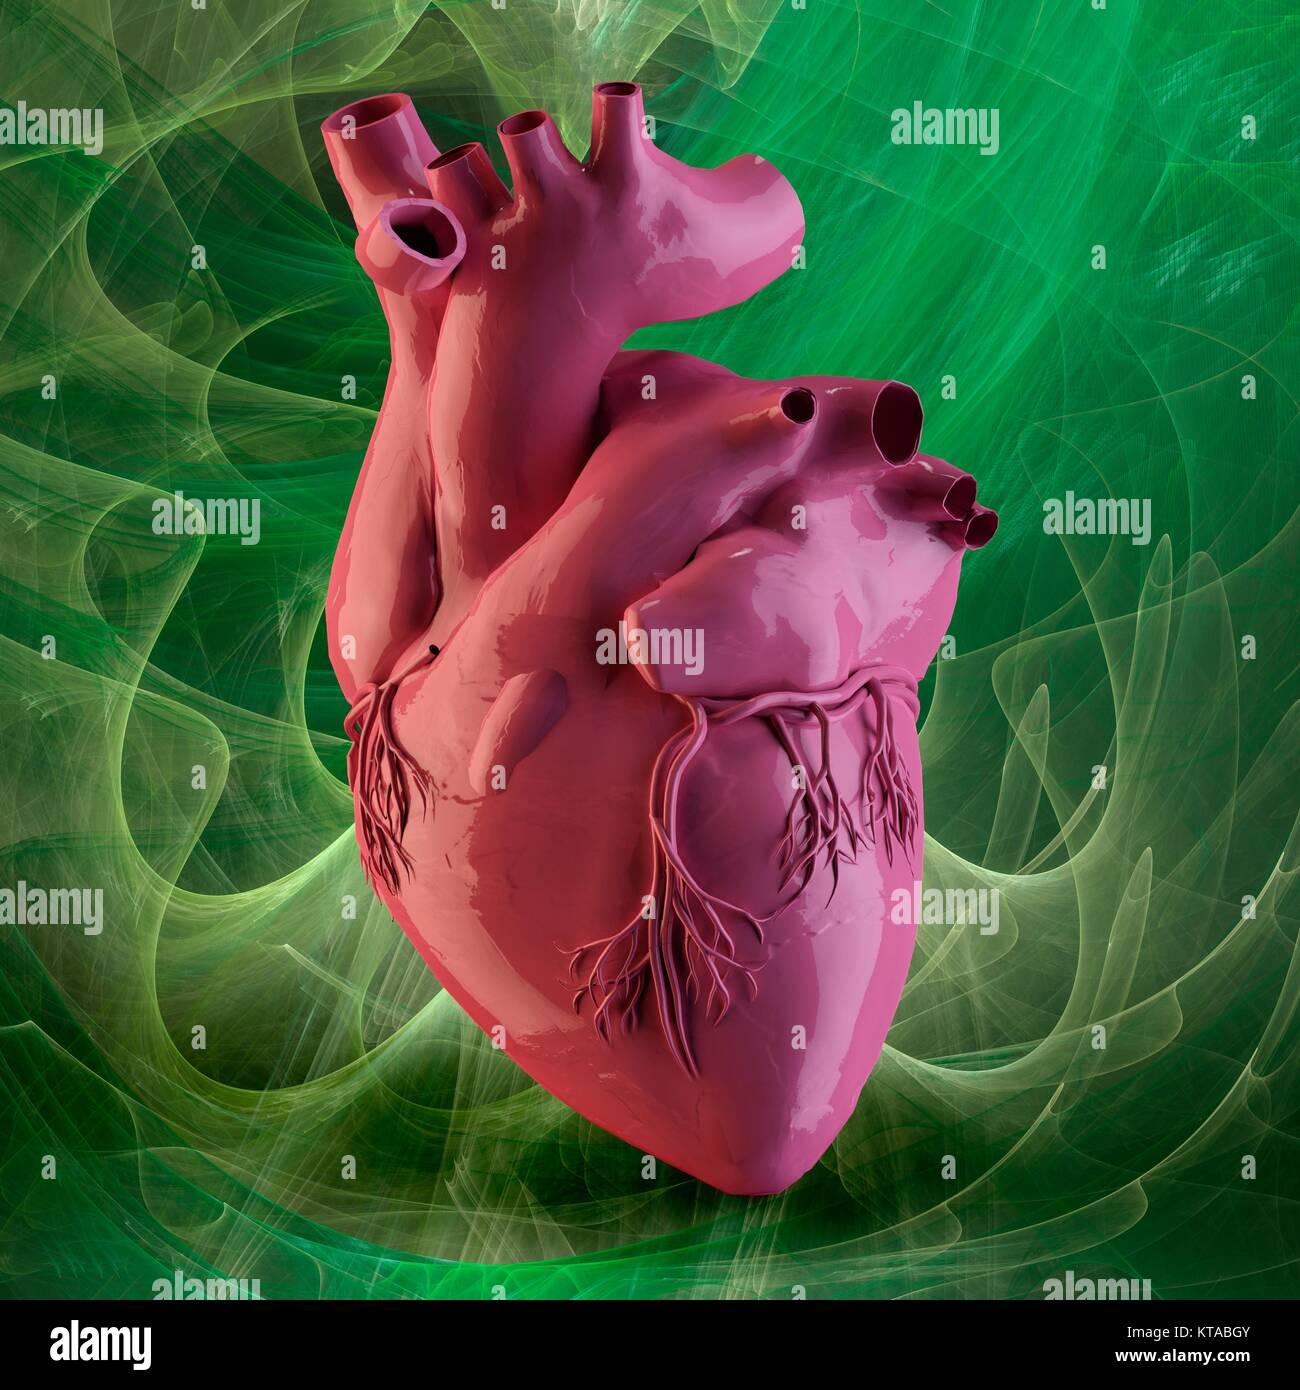 Herz und Koronararterien. 3D-Darstellung der externen Anatomie des ...